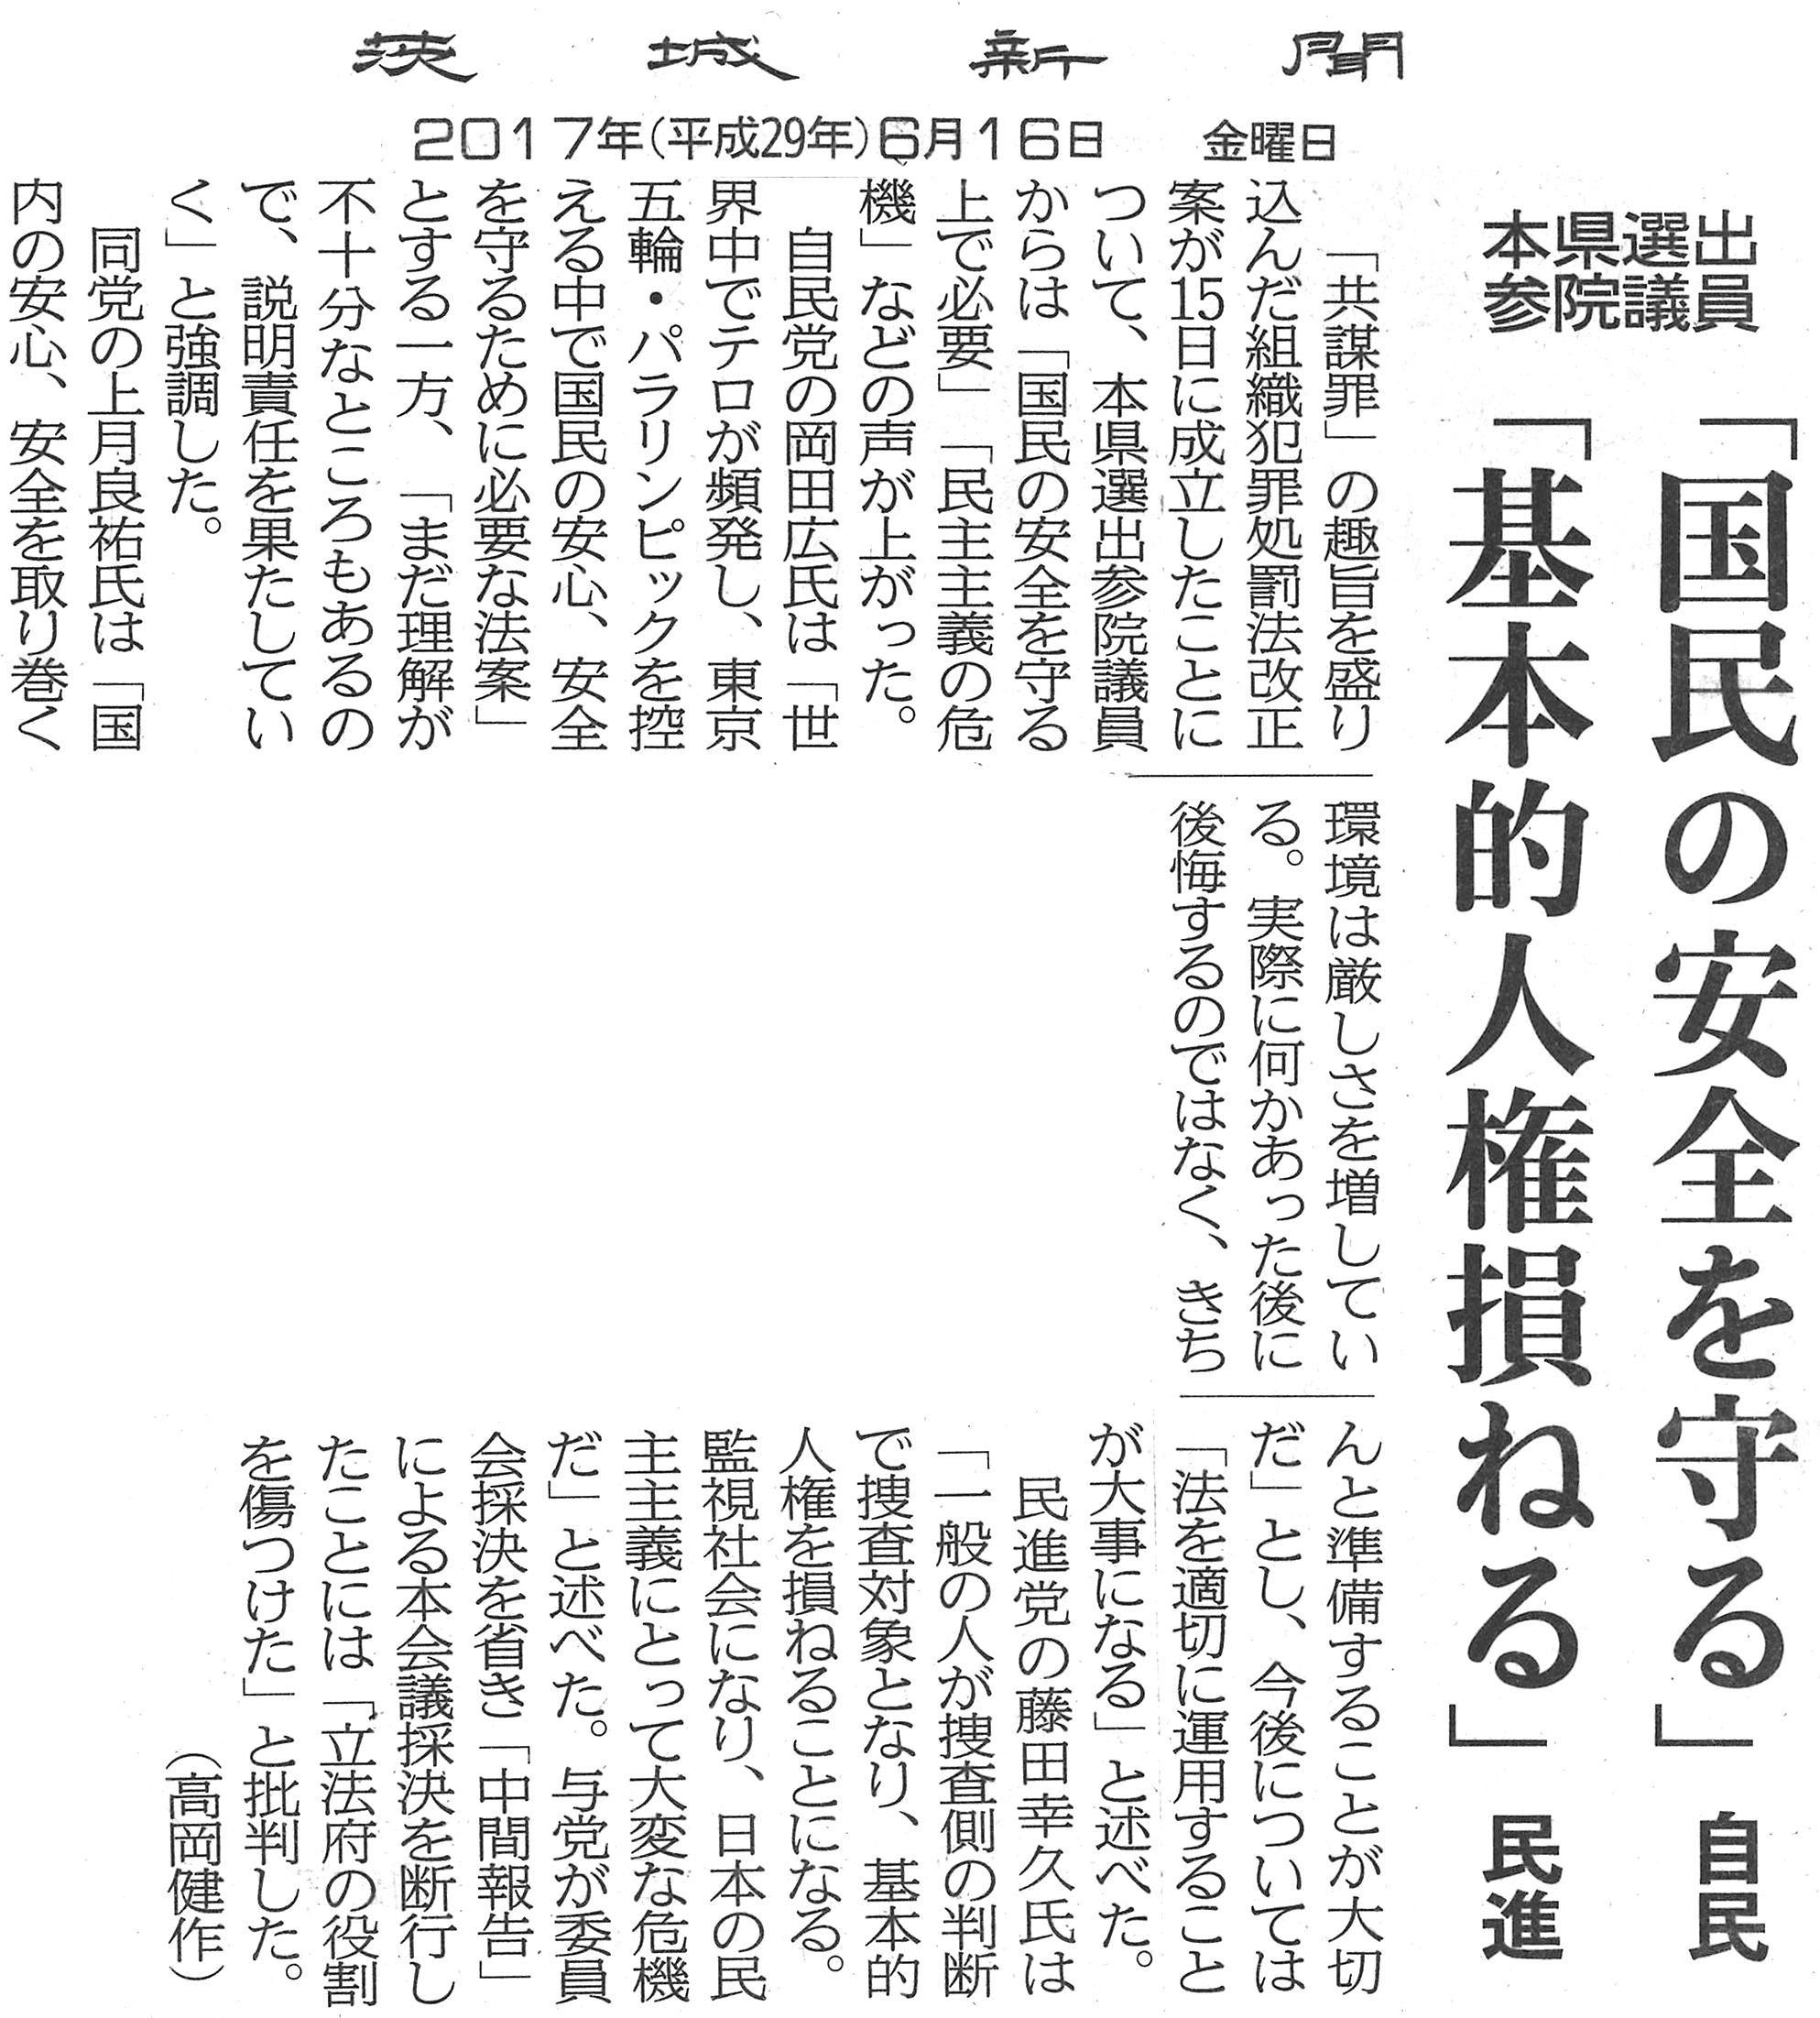 【茨城新聞】民進「基本的人権損ねる」、自民「国民の安全を守る」